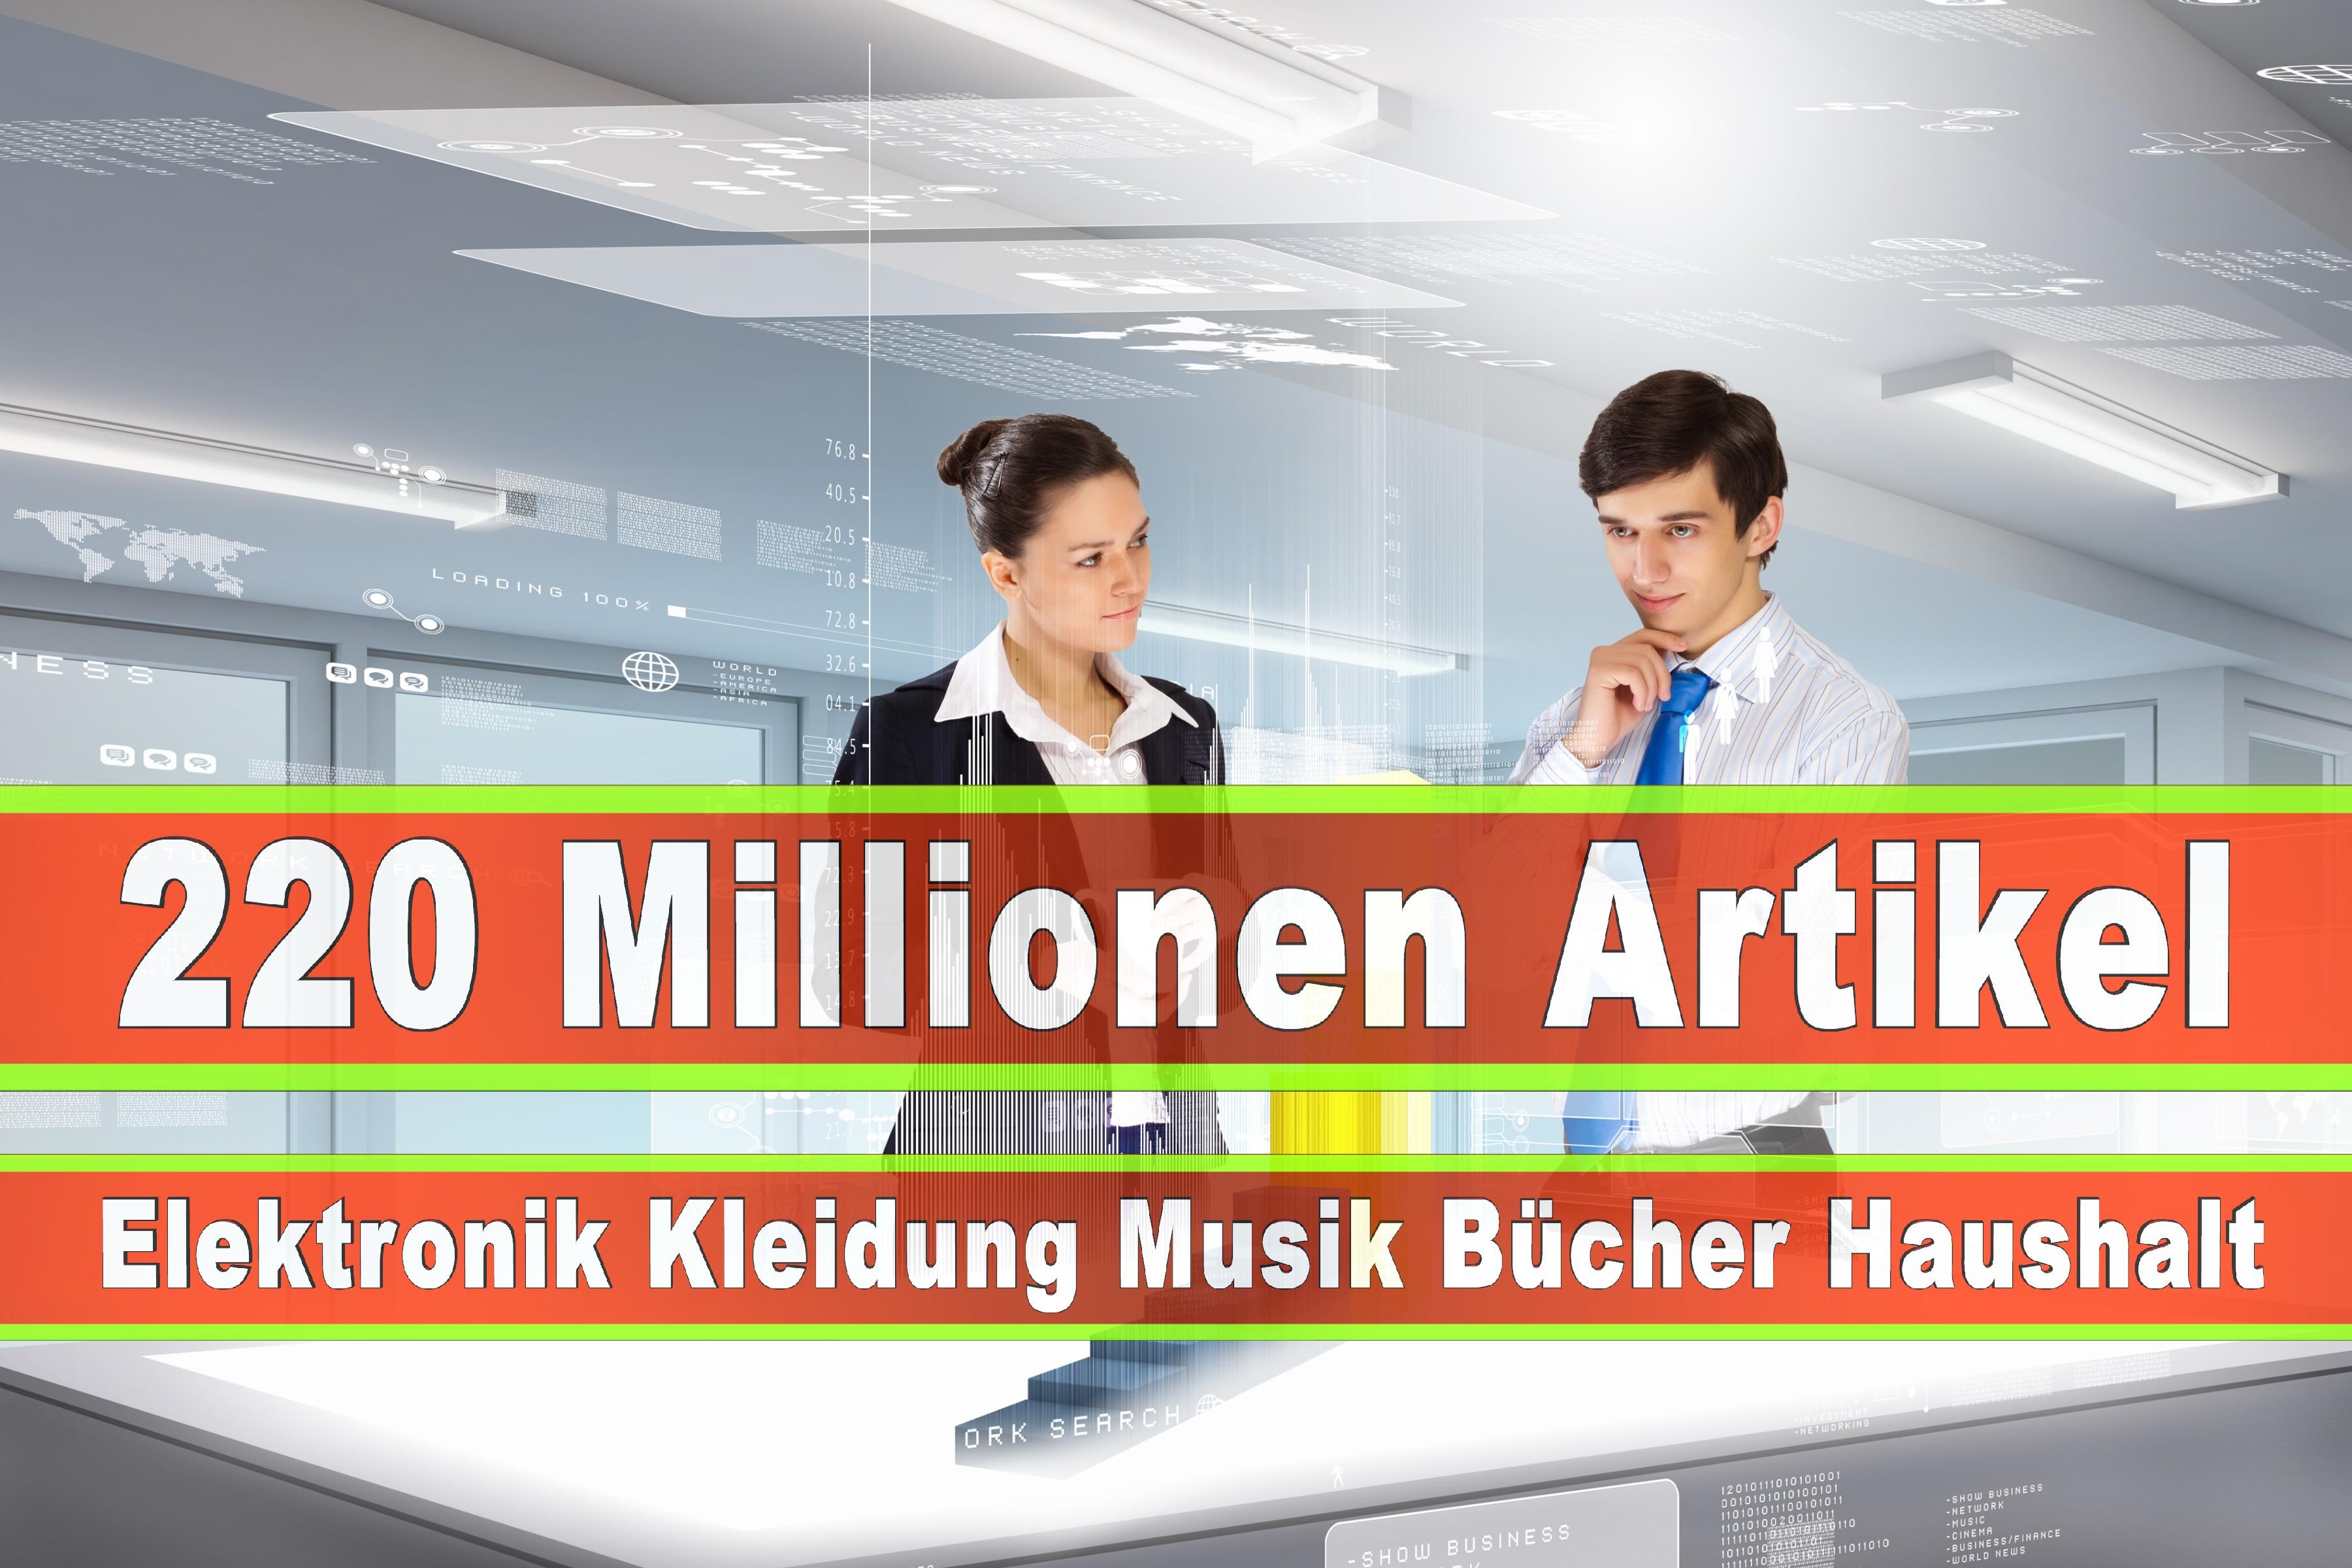 Amazon Elektronik Musik Haushalt Bücher CD DVD Handys Smartphones TV Television Fernseher Kleidung Mode Ebay Versandhaus (15)